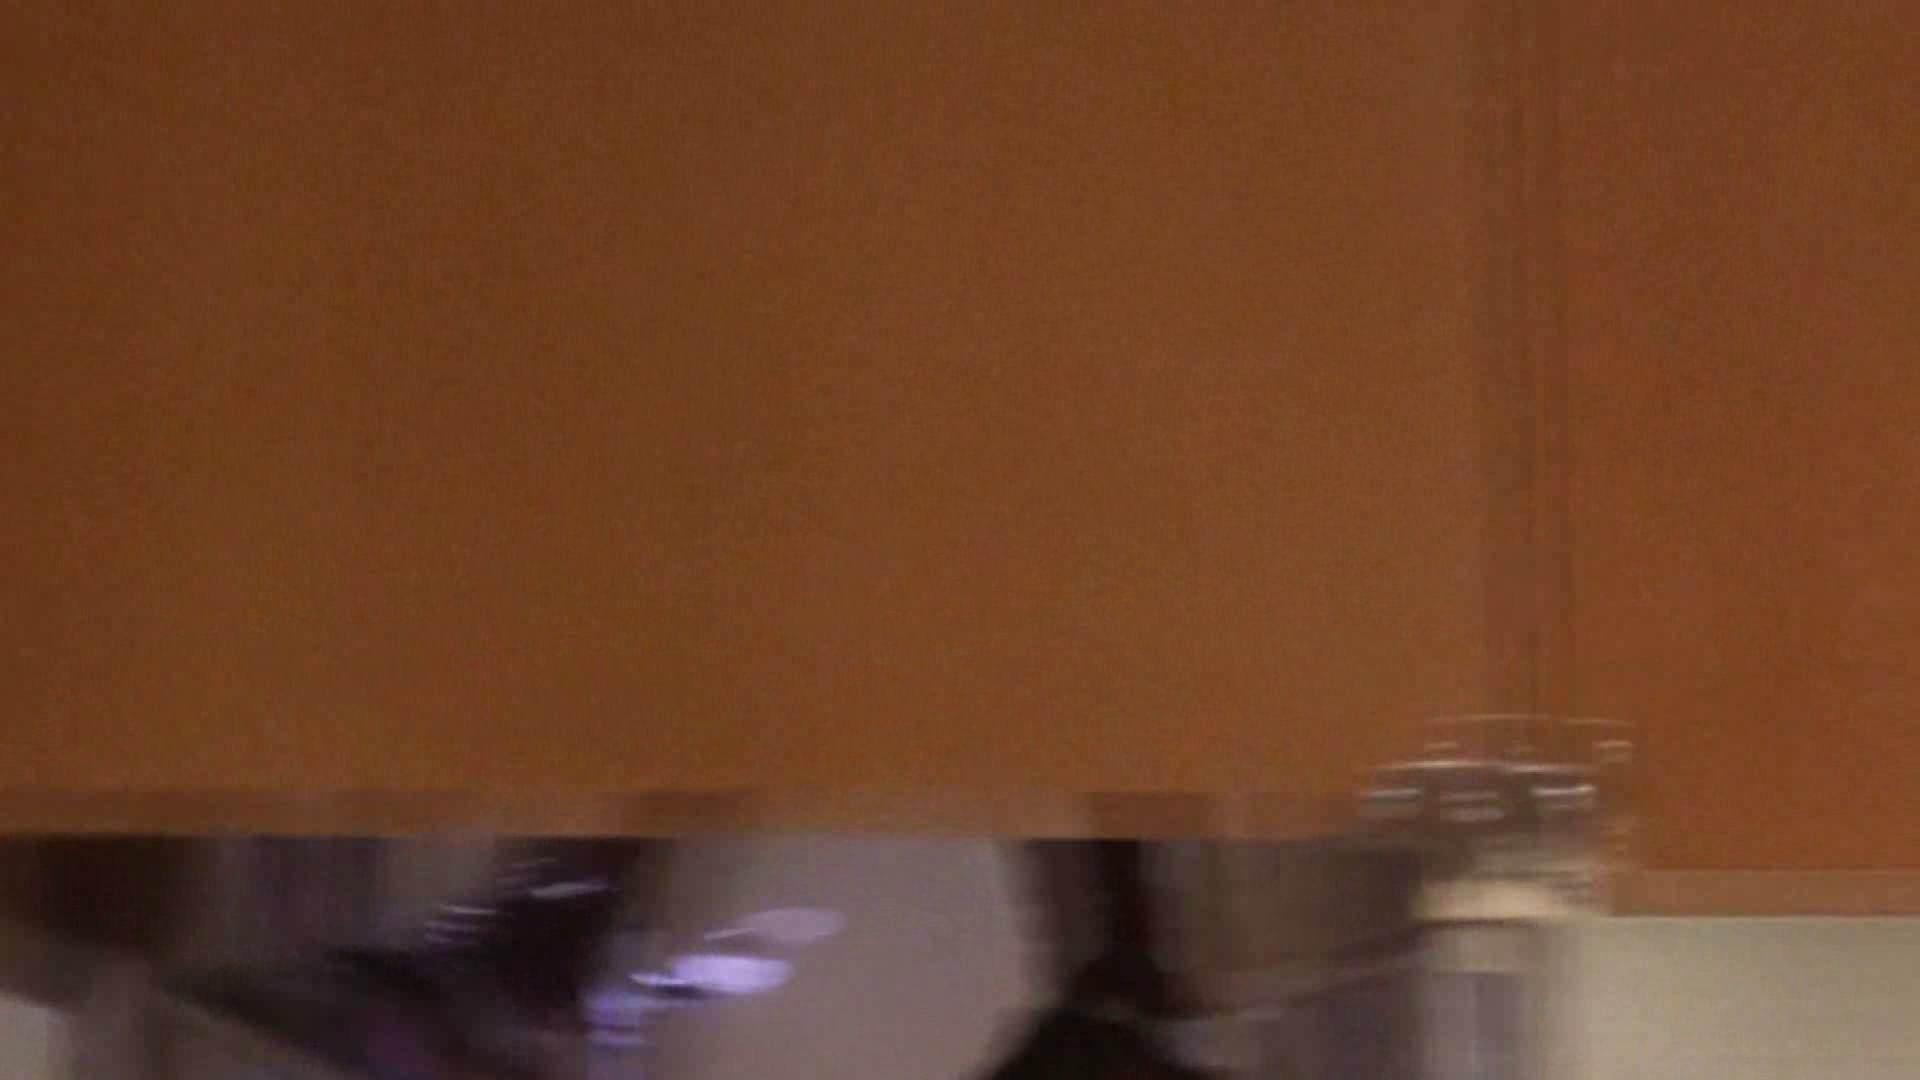 「噂」の国の厠観察日記2 Vol.01 OLセックス 盗み撮り動画キャプチャ 51画像 35